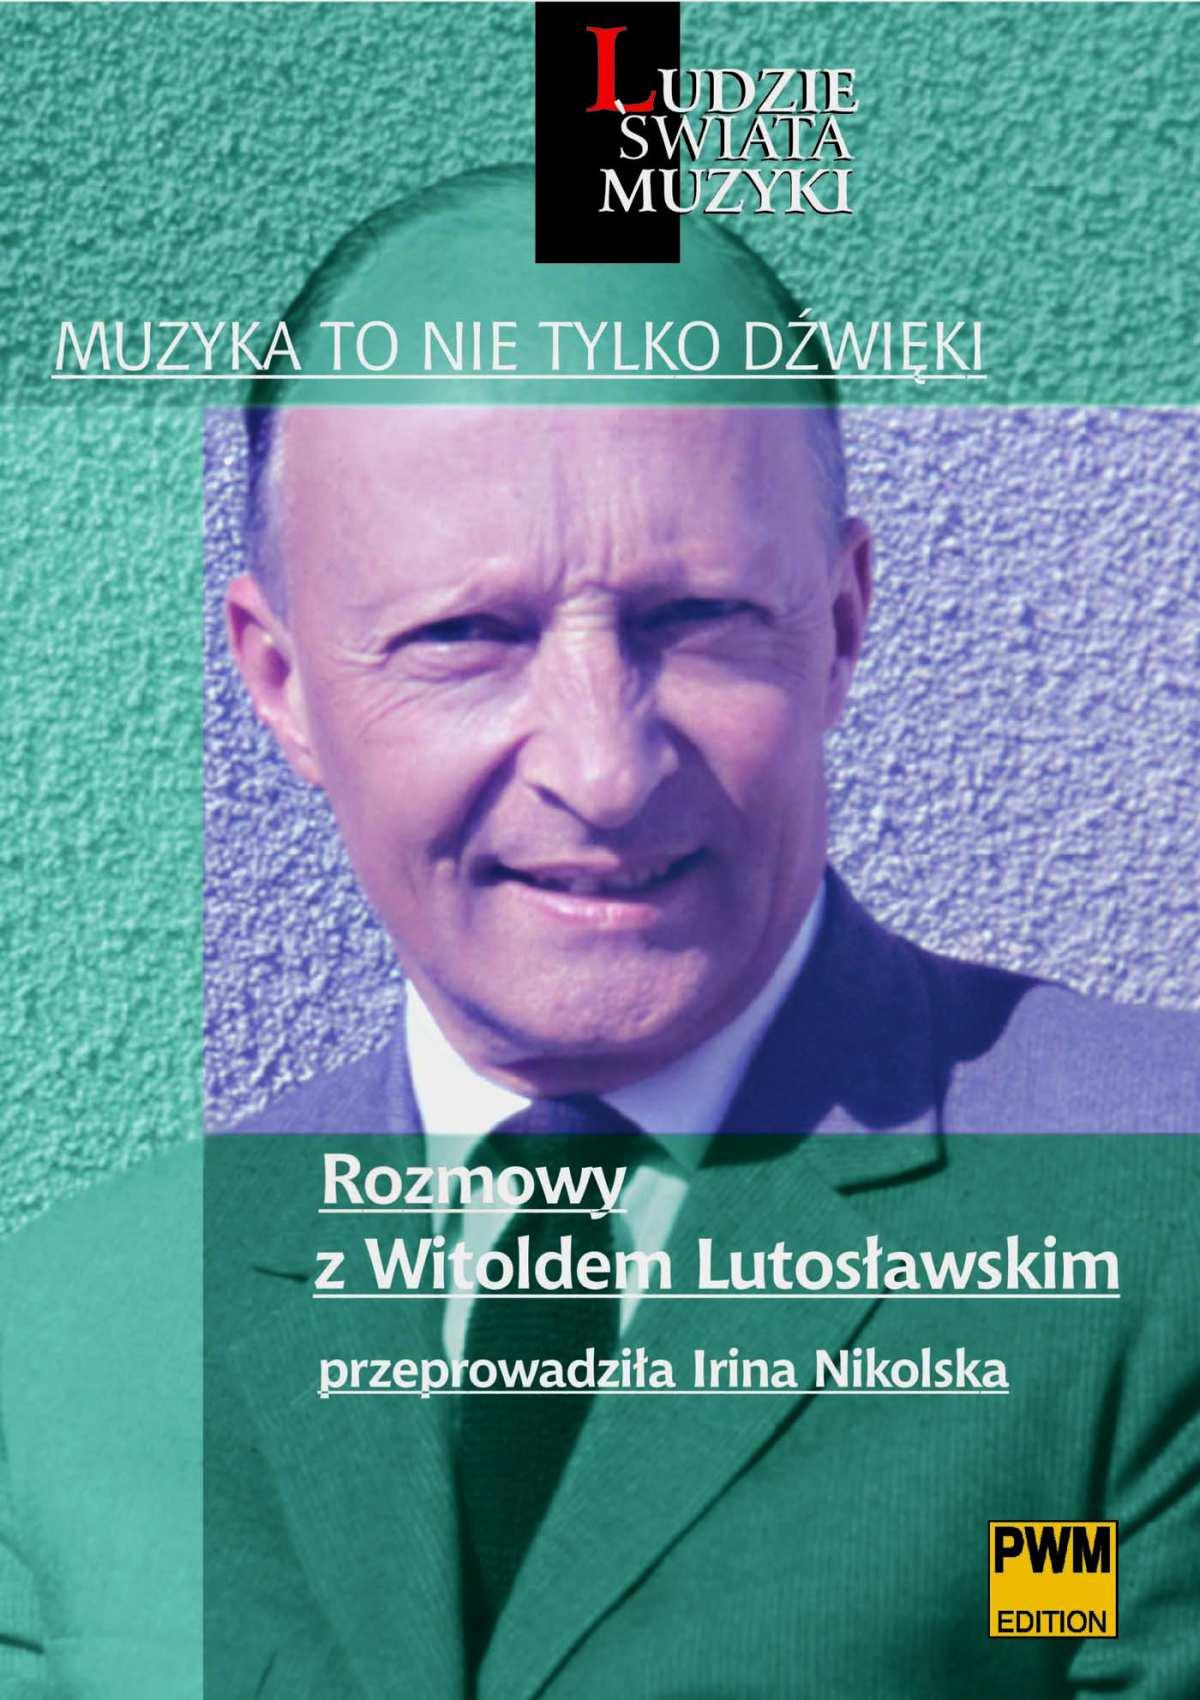 Muzyka to nie tylko dźwięki. Rozmowy z Witoldem Lutosławskim - Ebook (Książka EPUB) do pobrania w formacie EPUB